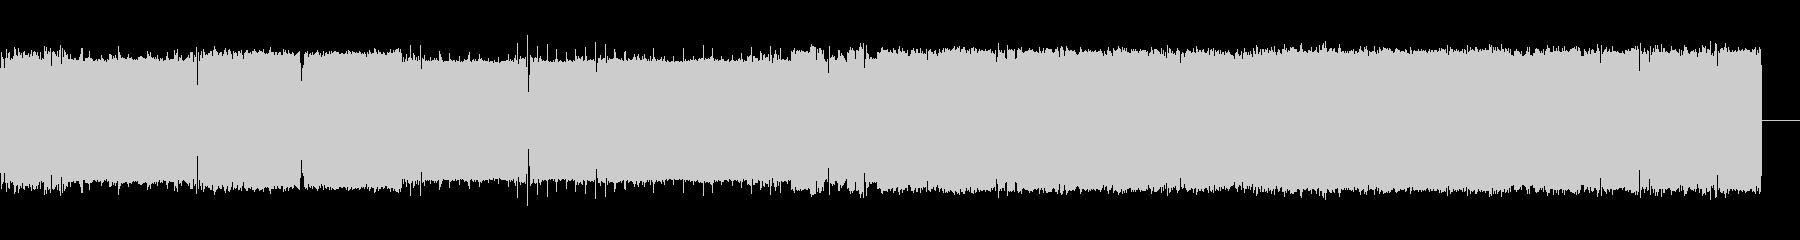 テレメトリー;リズムデータ;プリン...の未再生の波形